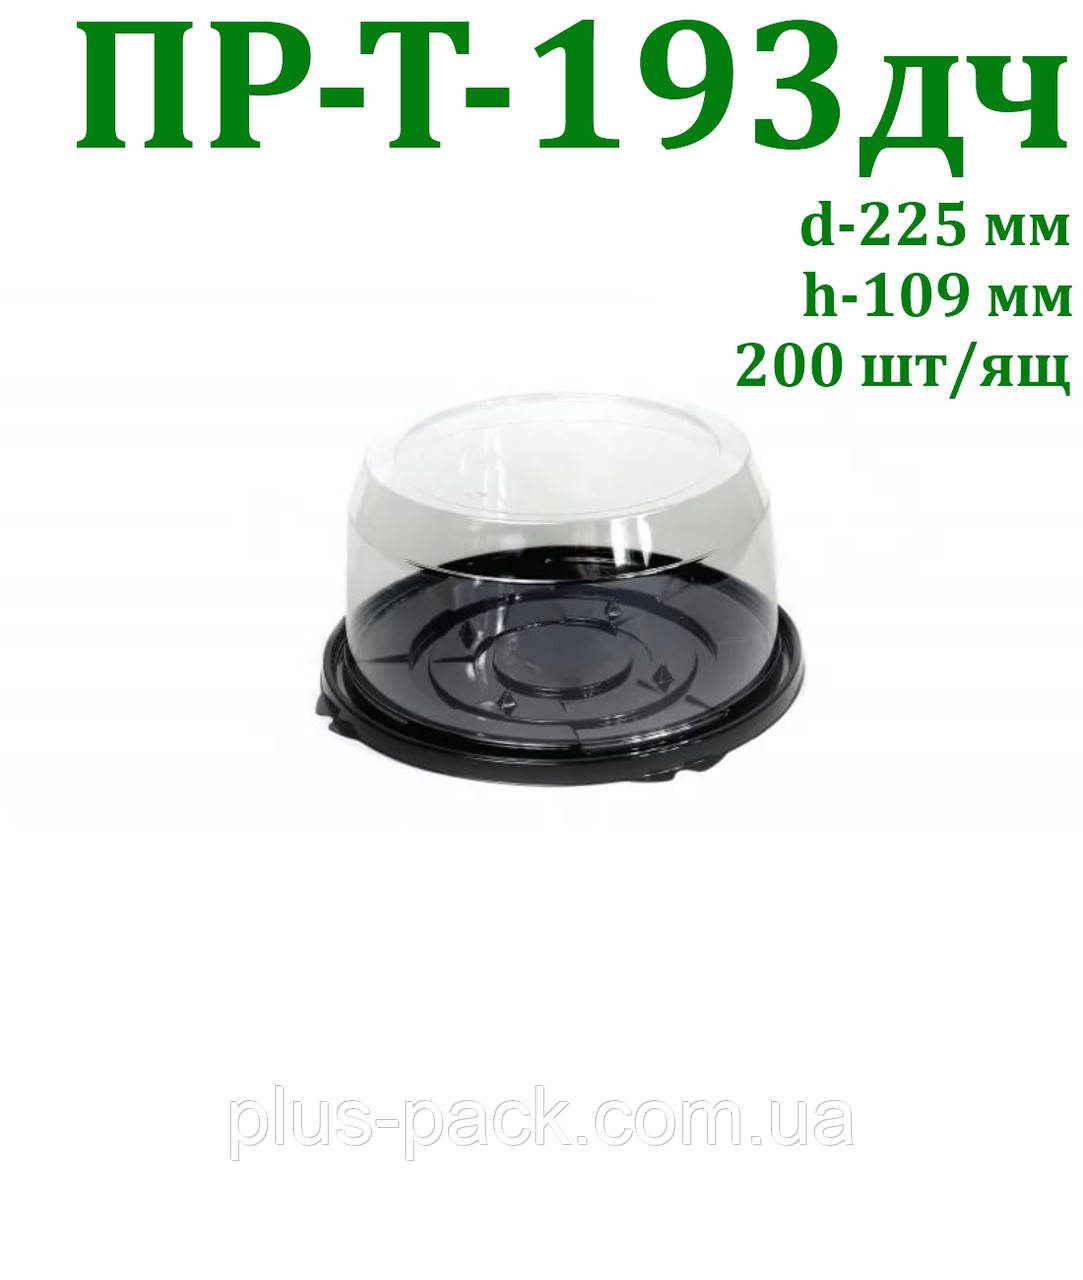 Одноразова коробка для тортів ПР-Т 193 дч, 200 шт/ящ